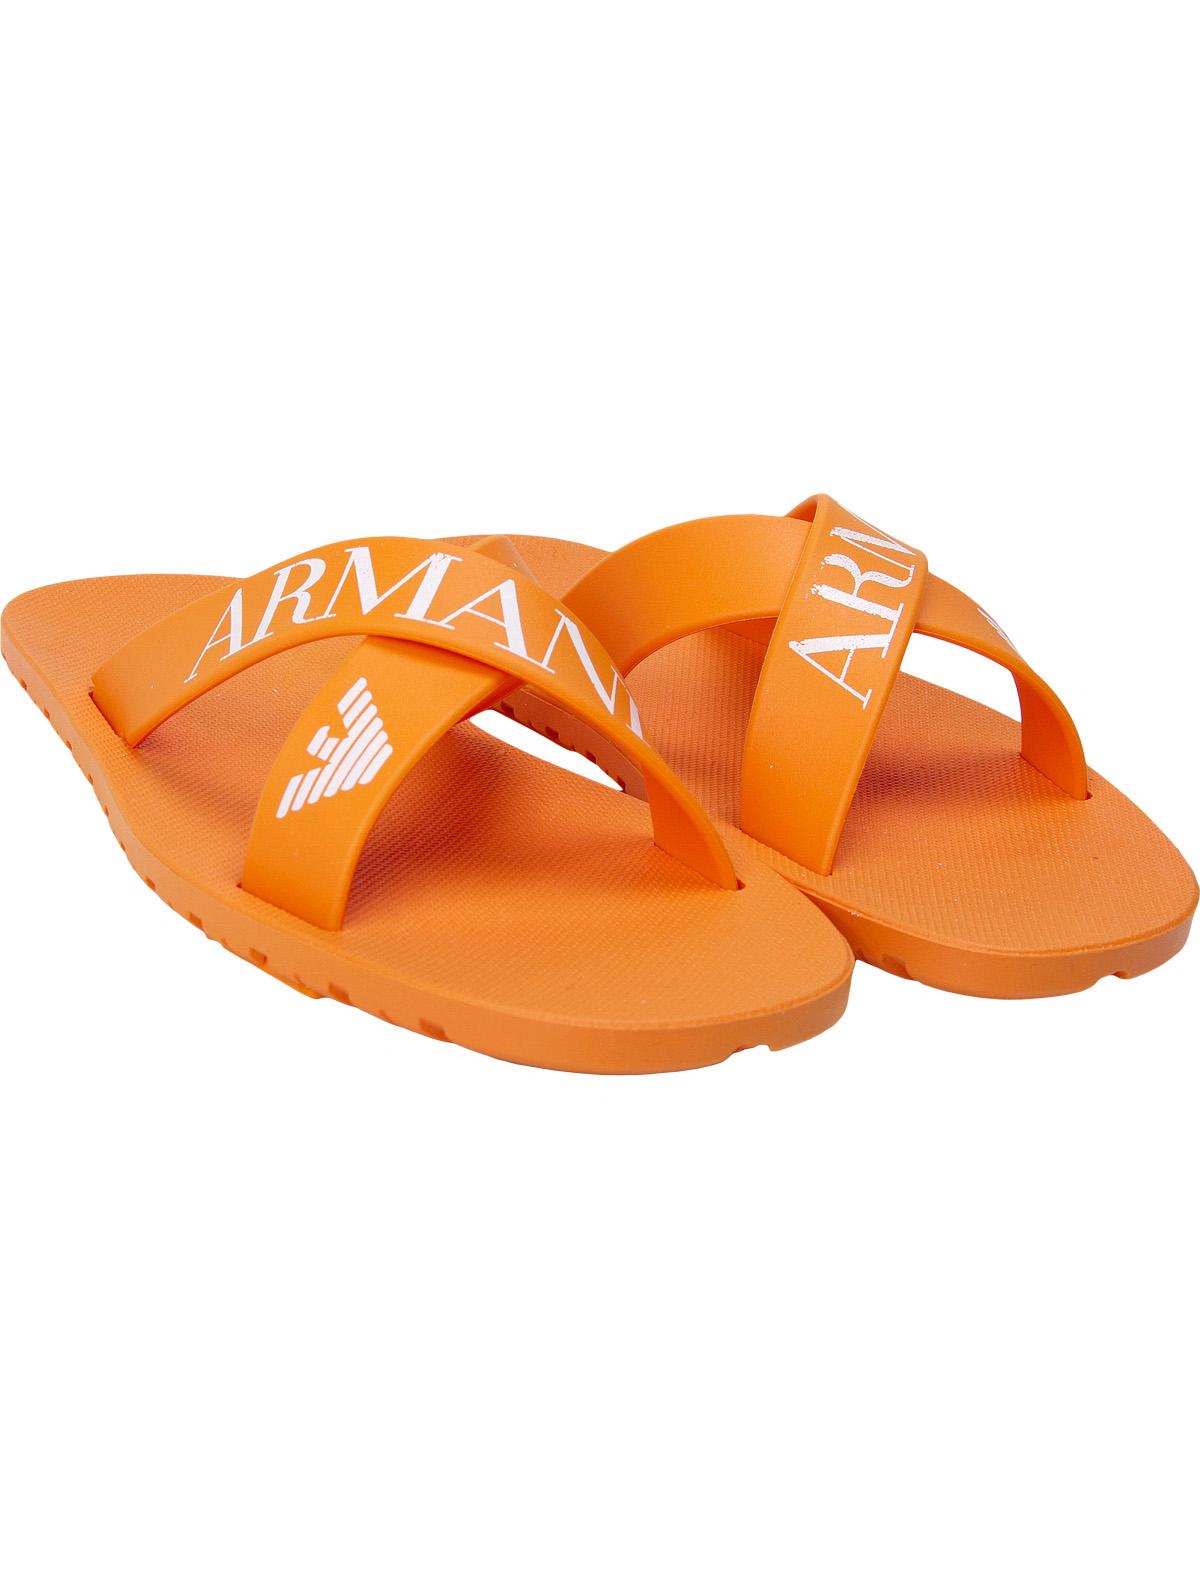 Купить 1924857, Шлепанцы пляжные Armani Junior, оранжевый, Мужской, 2282419770103